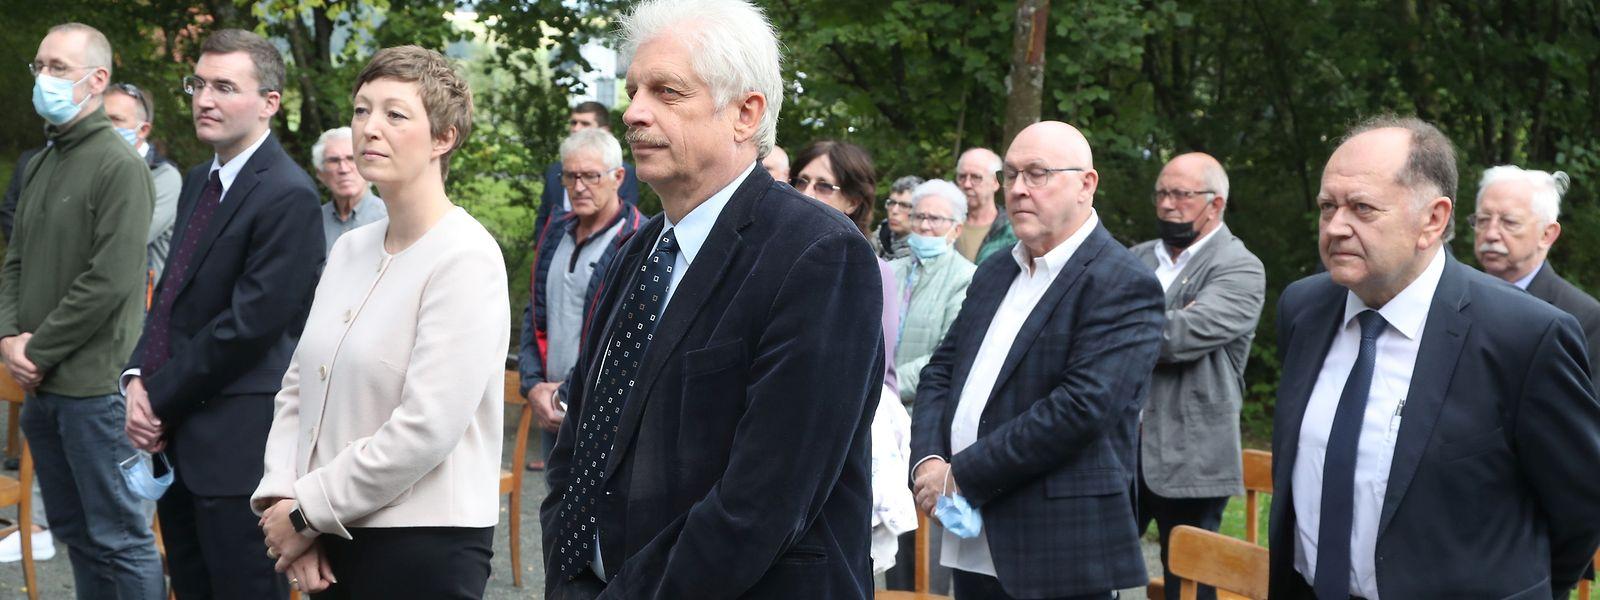 Mit einer Messe auf dem Gelände des ehemaligen SS-Sonderlagers wurde an die Opfer des Naziterrors erinnert.